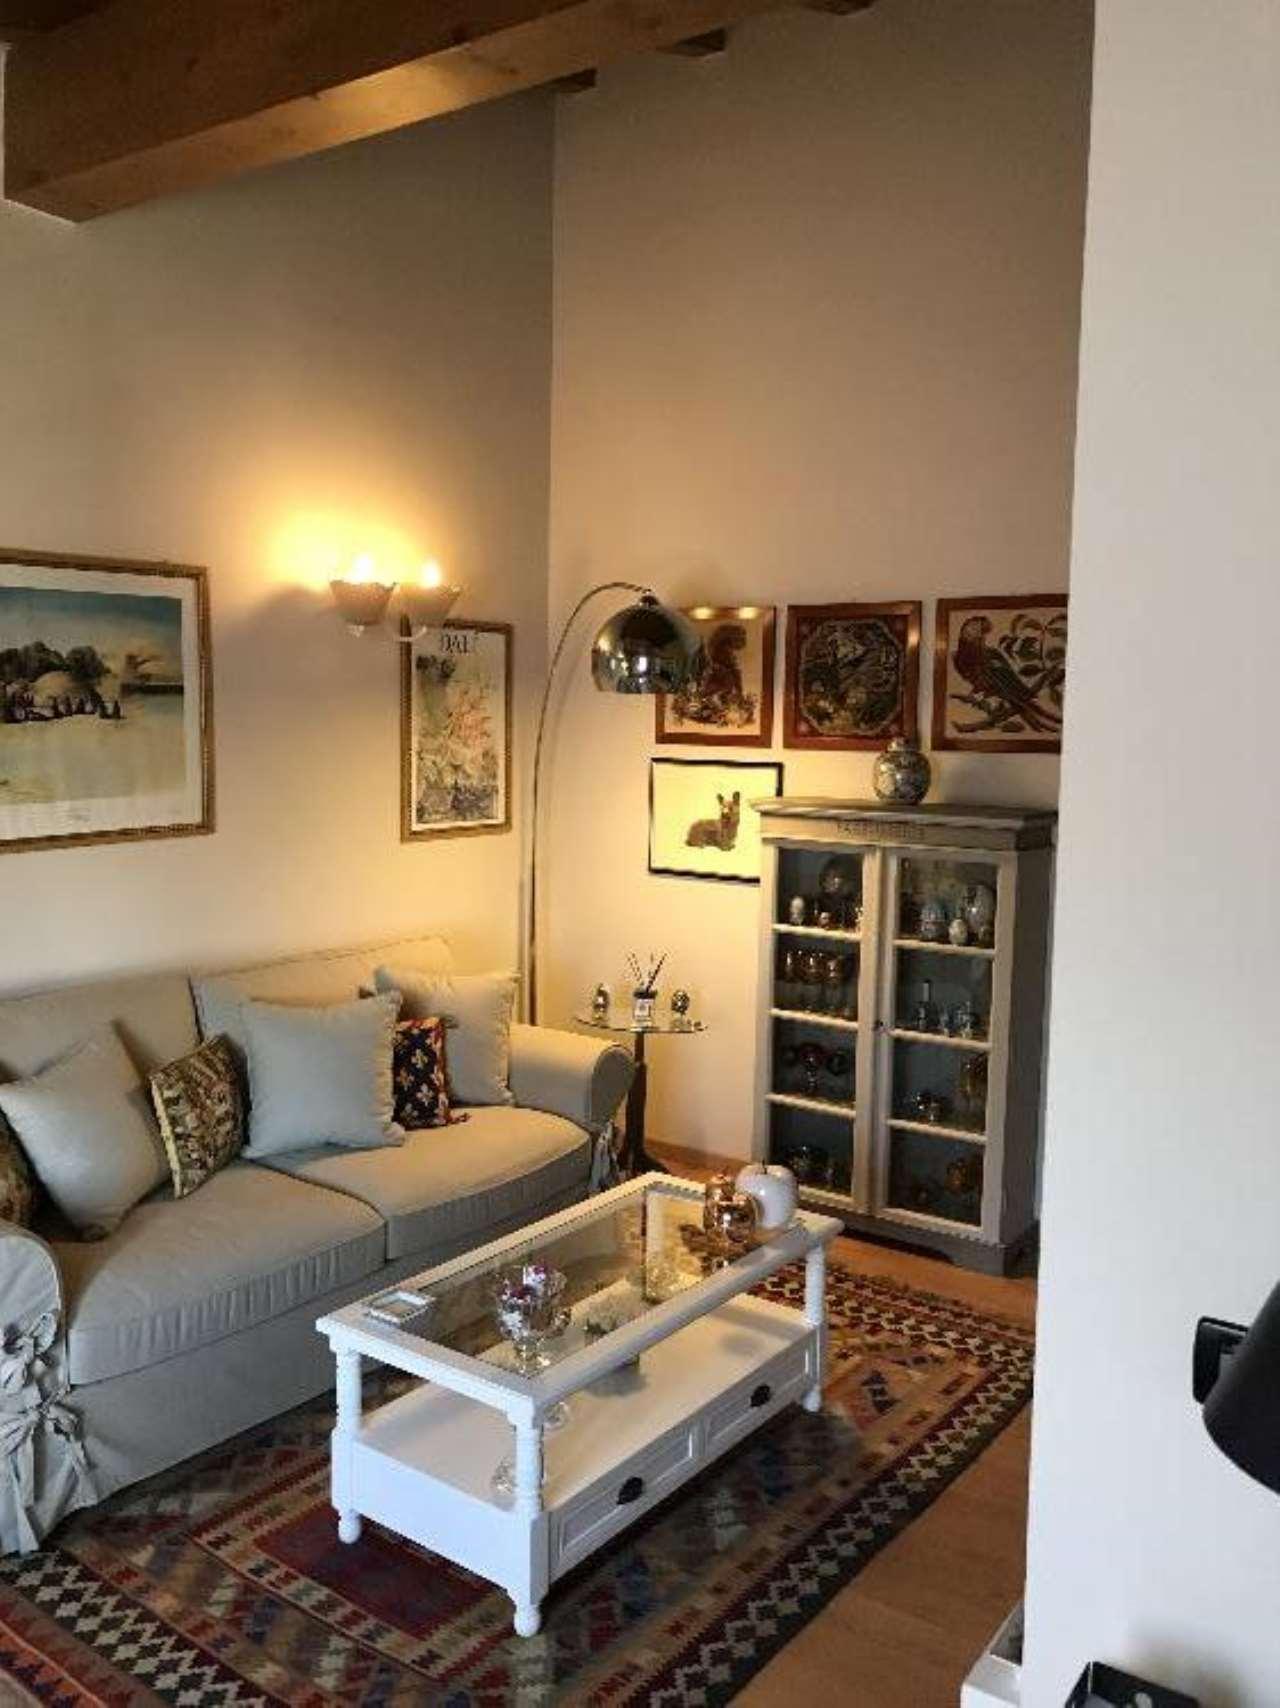 Appartamento in vendita a Castelvetro Piacentino, 3 locali, prezzo € 115.000   Cambio Casa.it